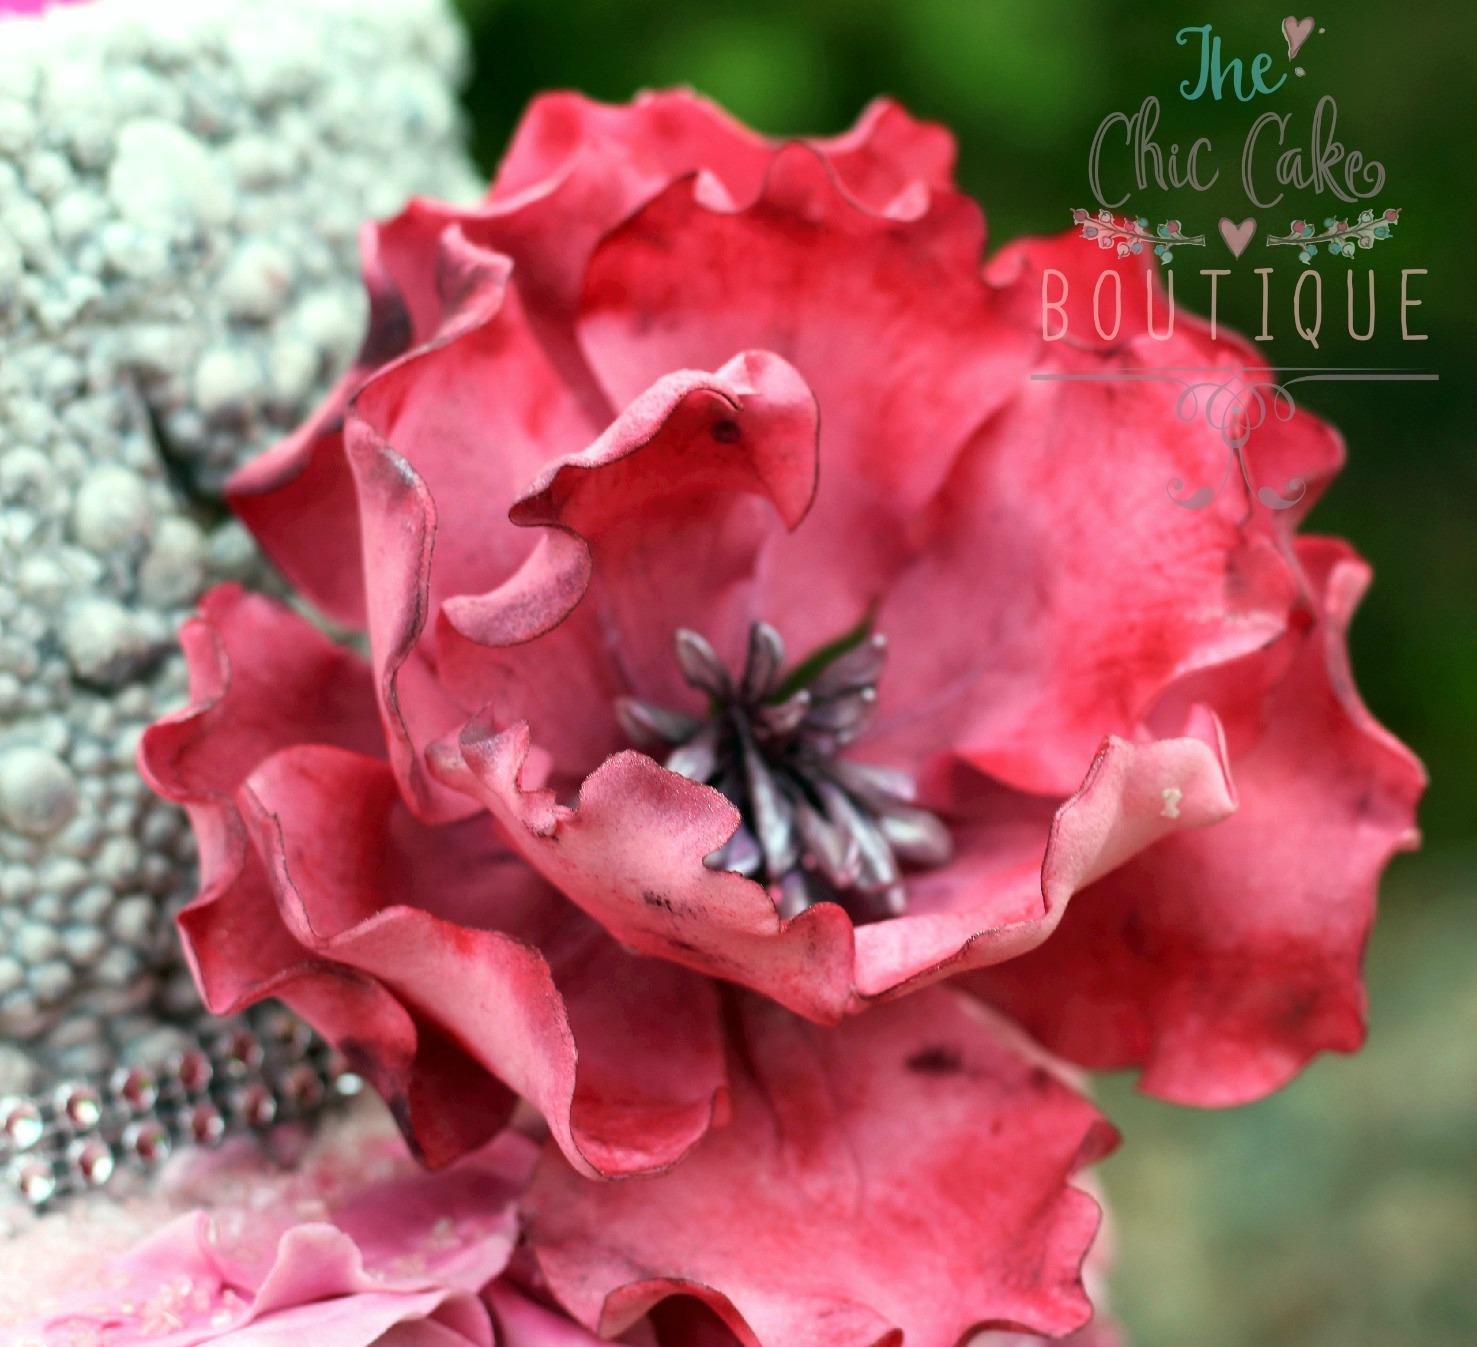 sugar-flower-with-logo